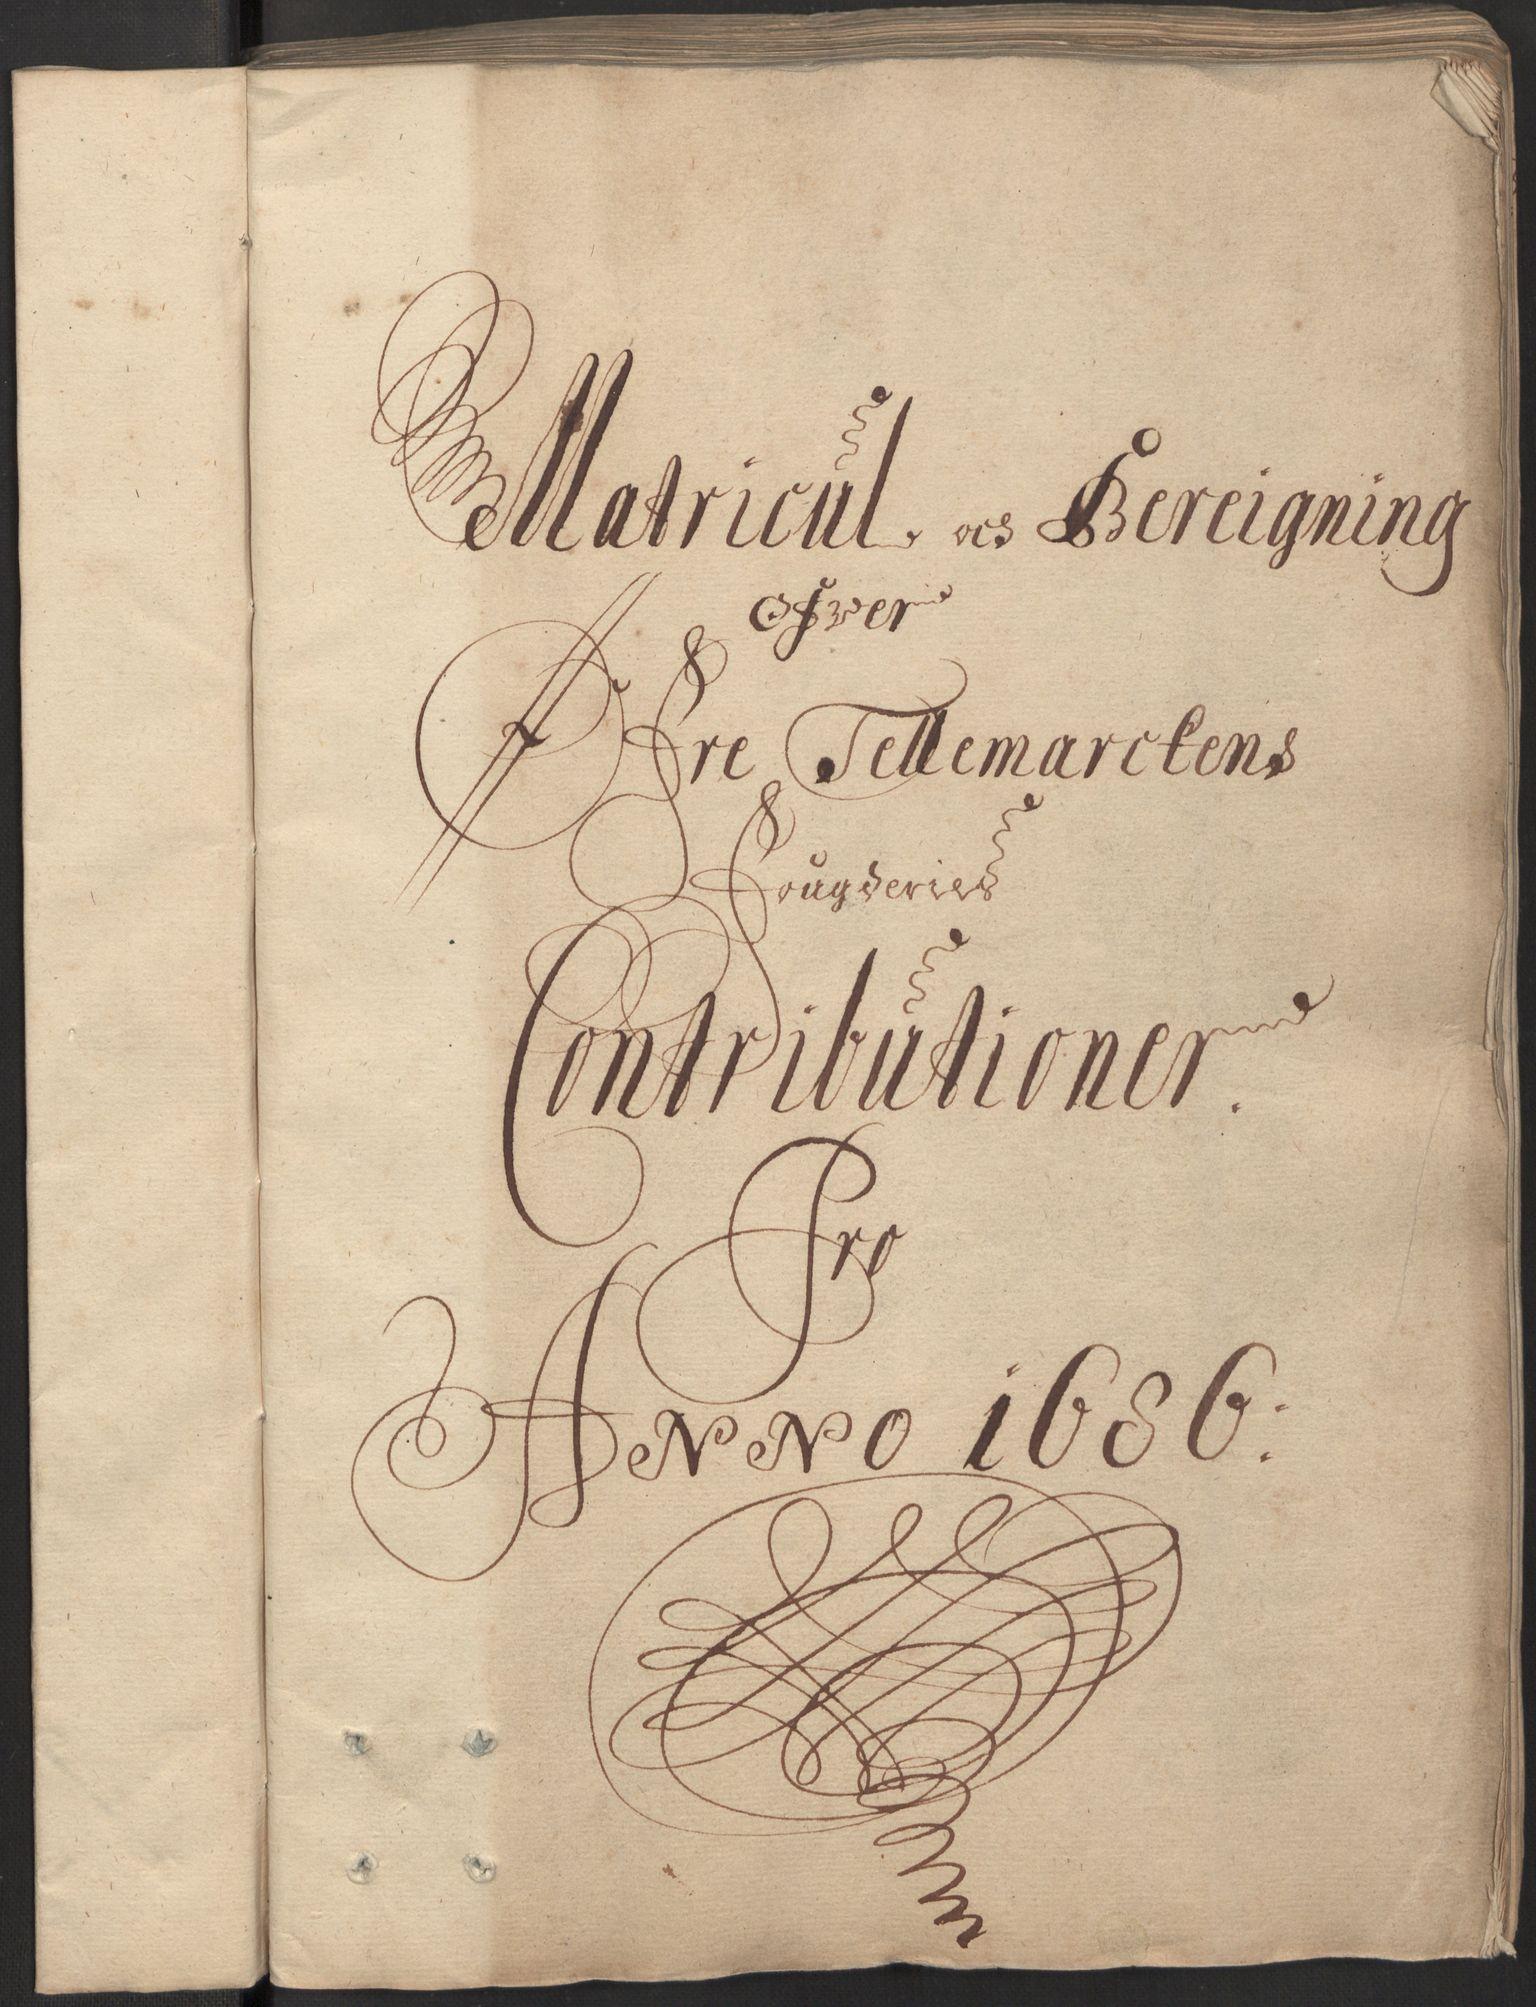 RA, Rentekammeret inntil 1814, Reviderte regnskaper, Fogderegnskap, R35/L2084: Fogderegnskap Øvre og Nedre Telemark, 1686, s. 3